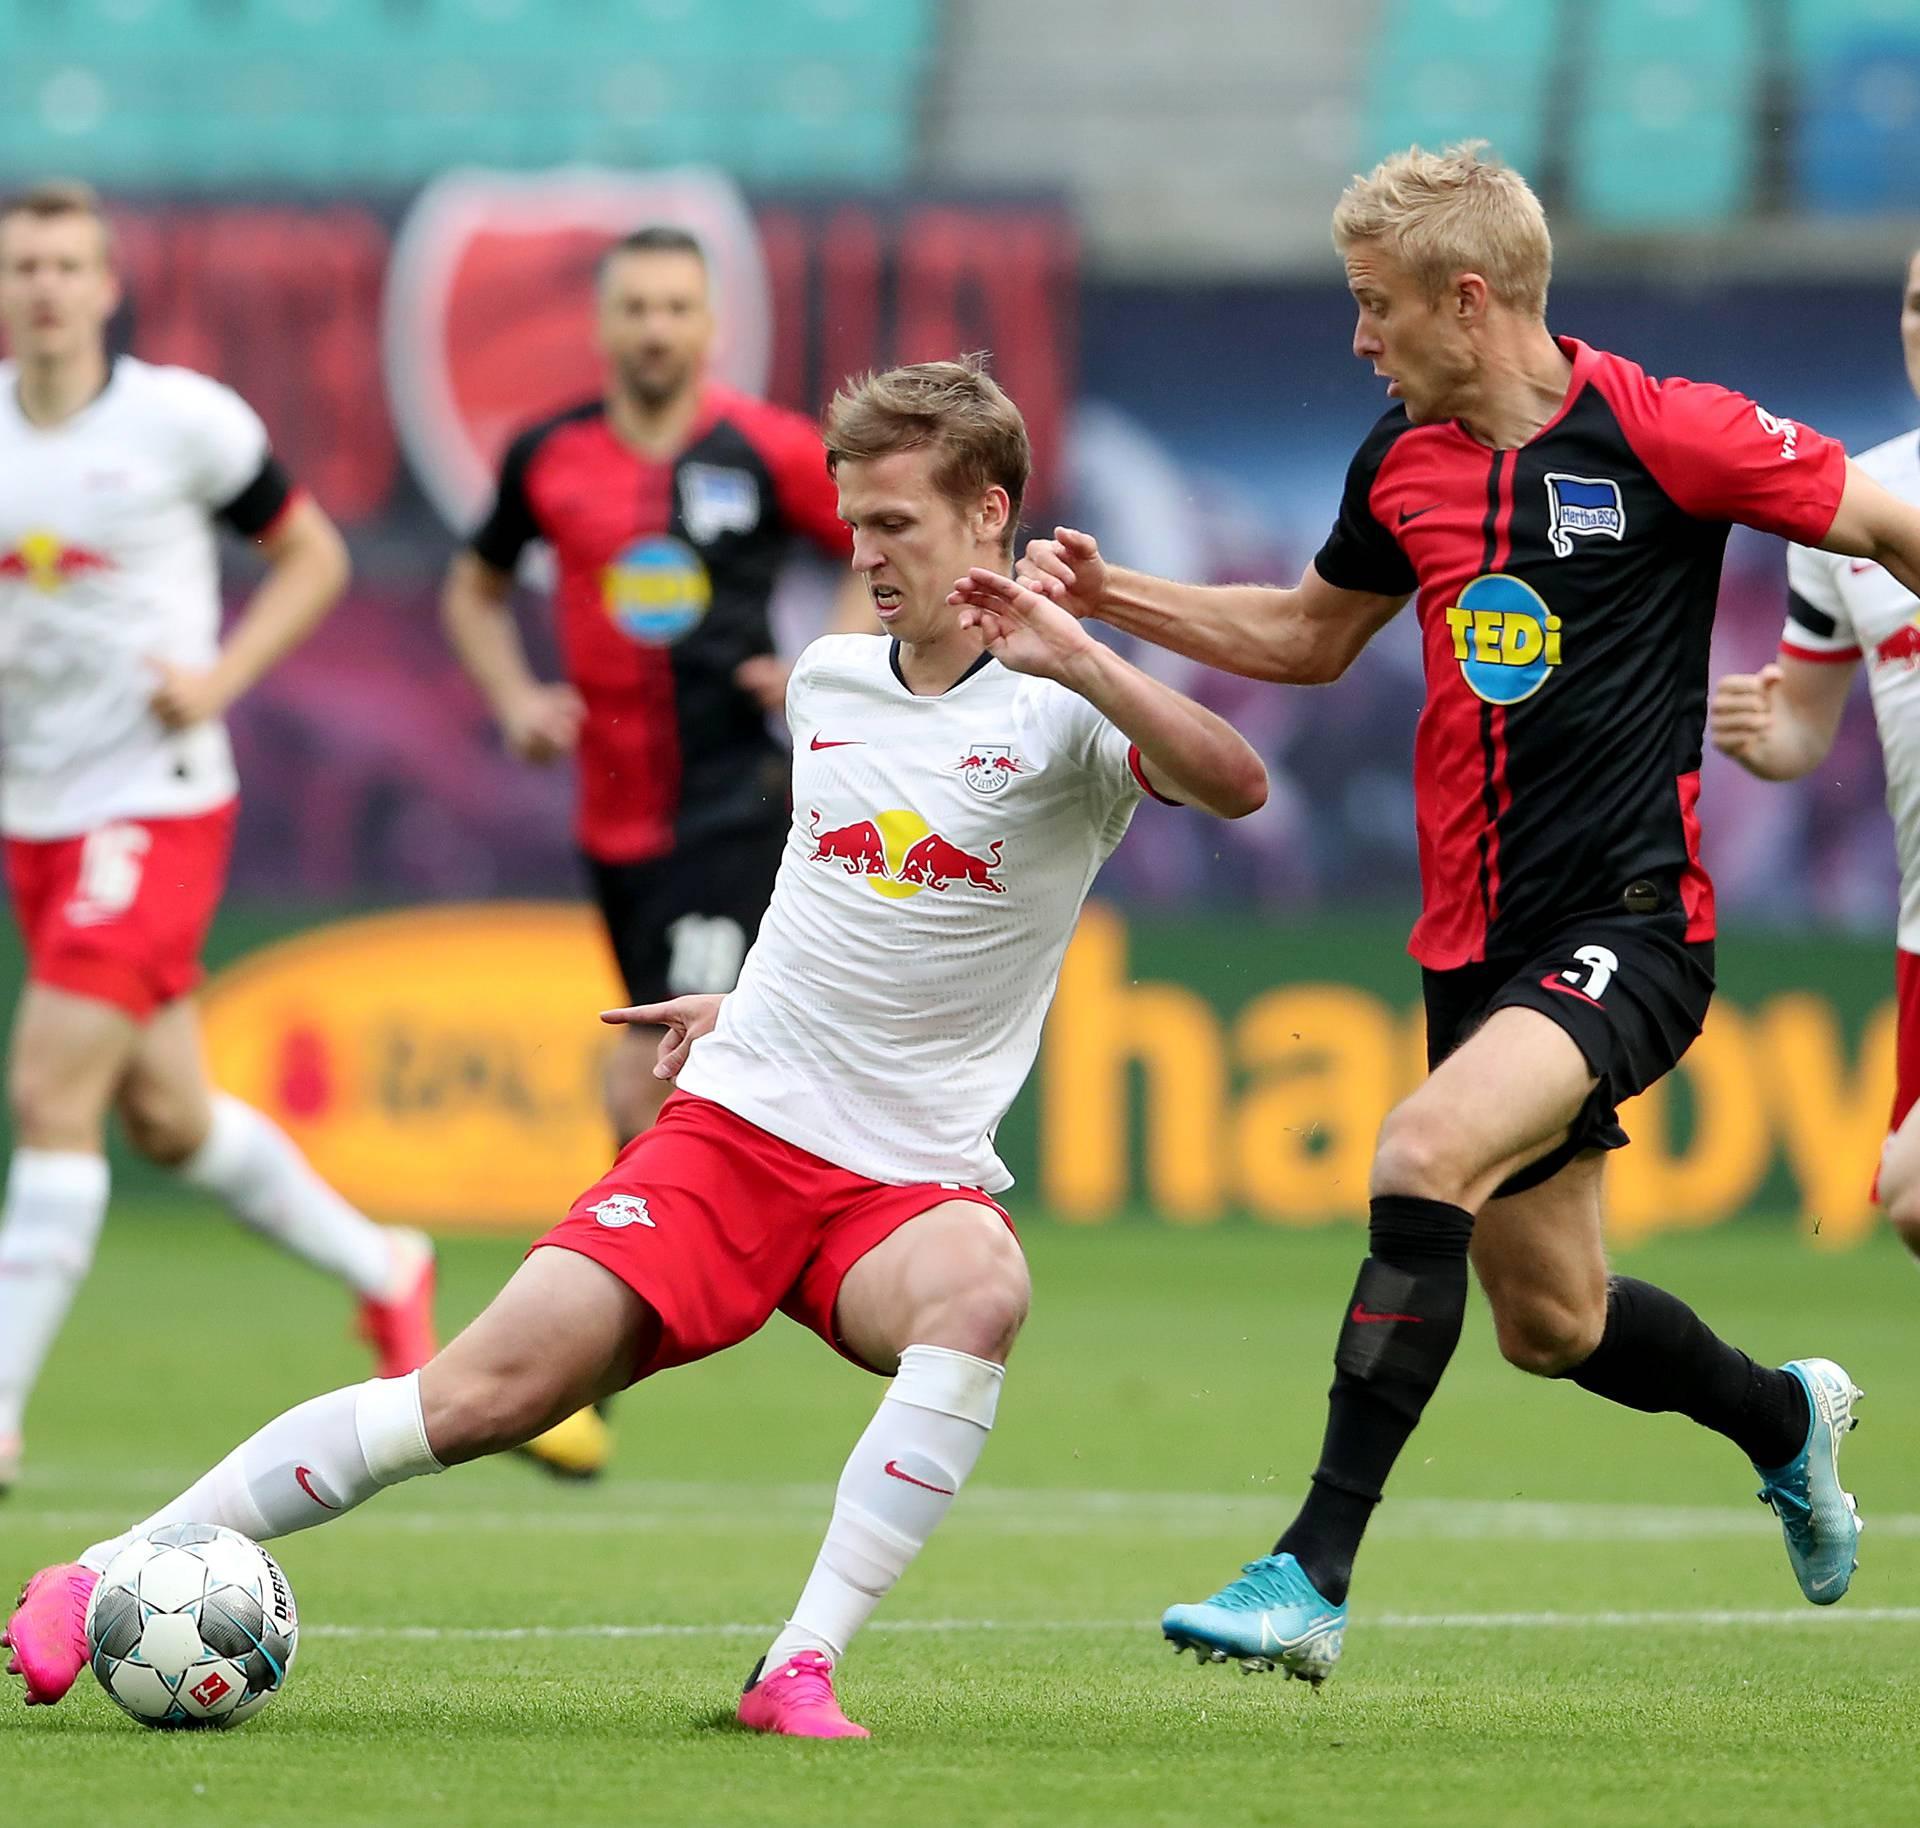 Bundesliga - RB Leipzig v Hertha BSC